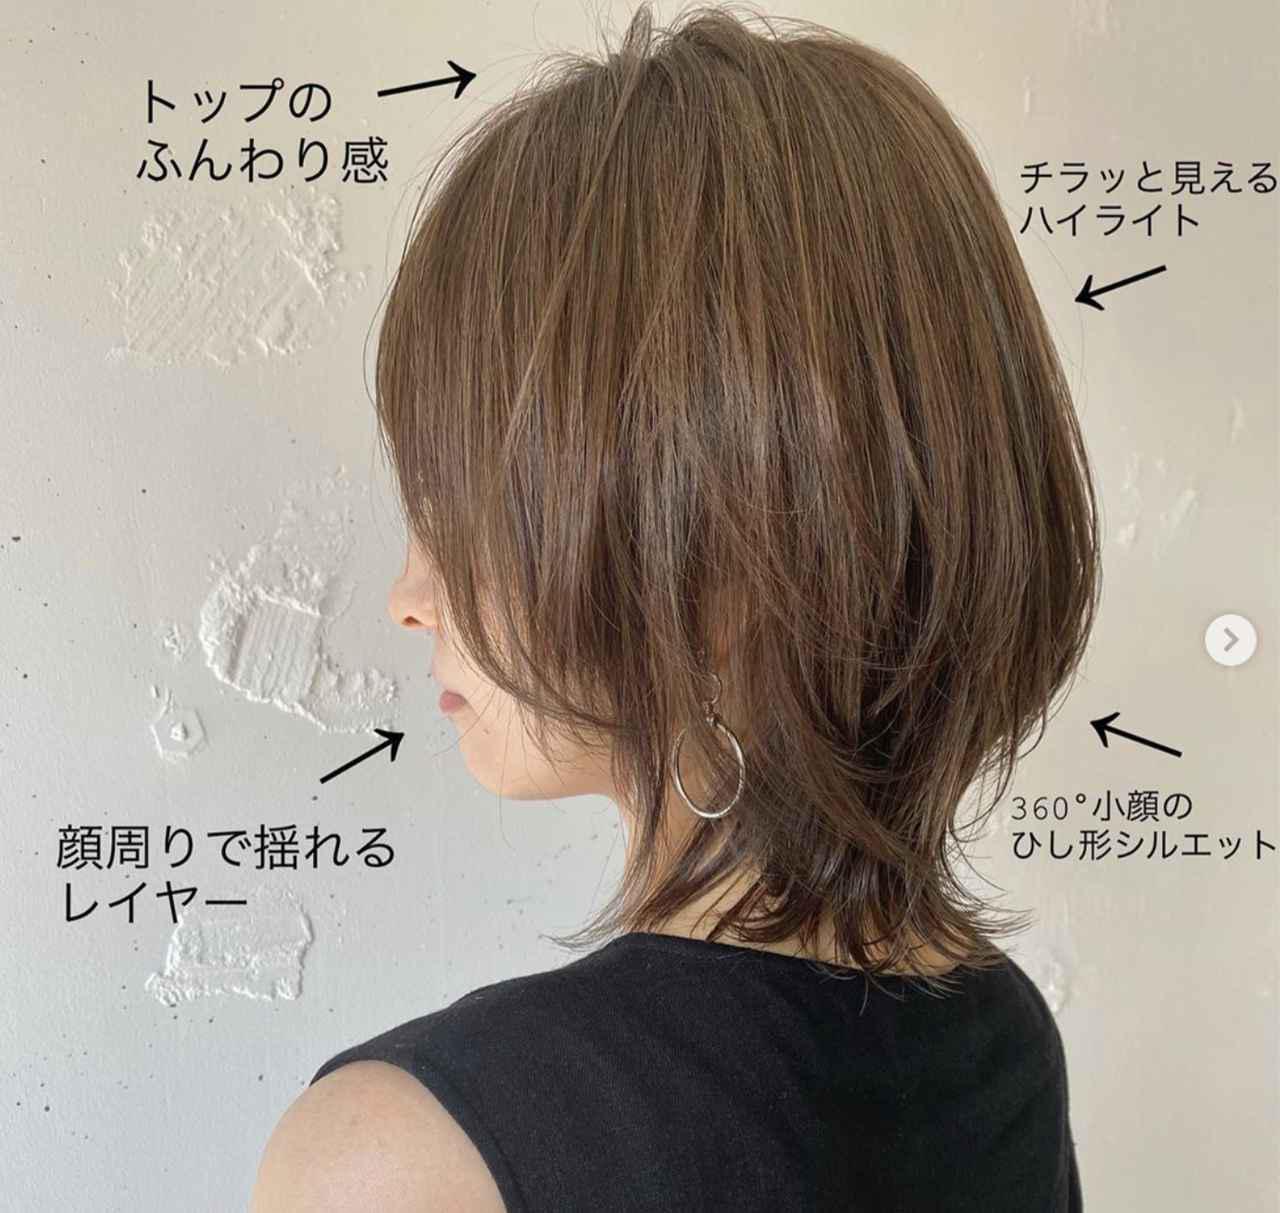 画像: ネオウルフとは? www.instagram.com